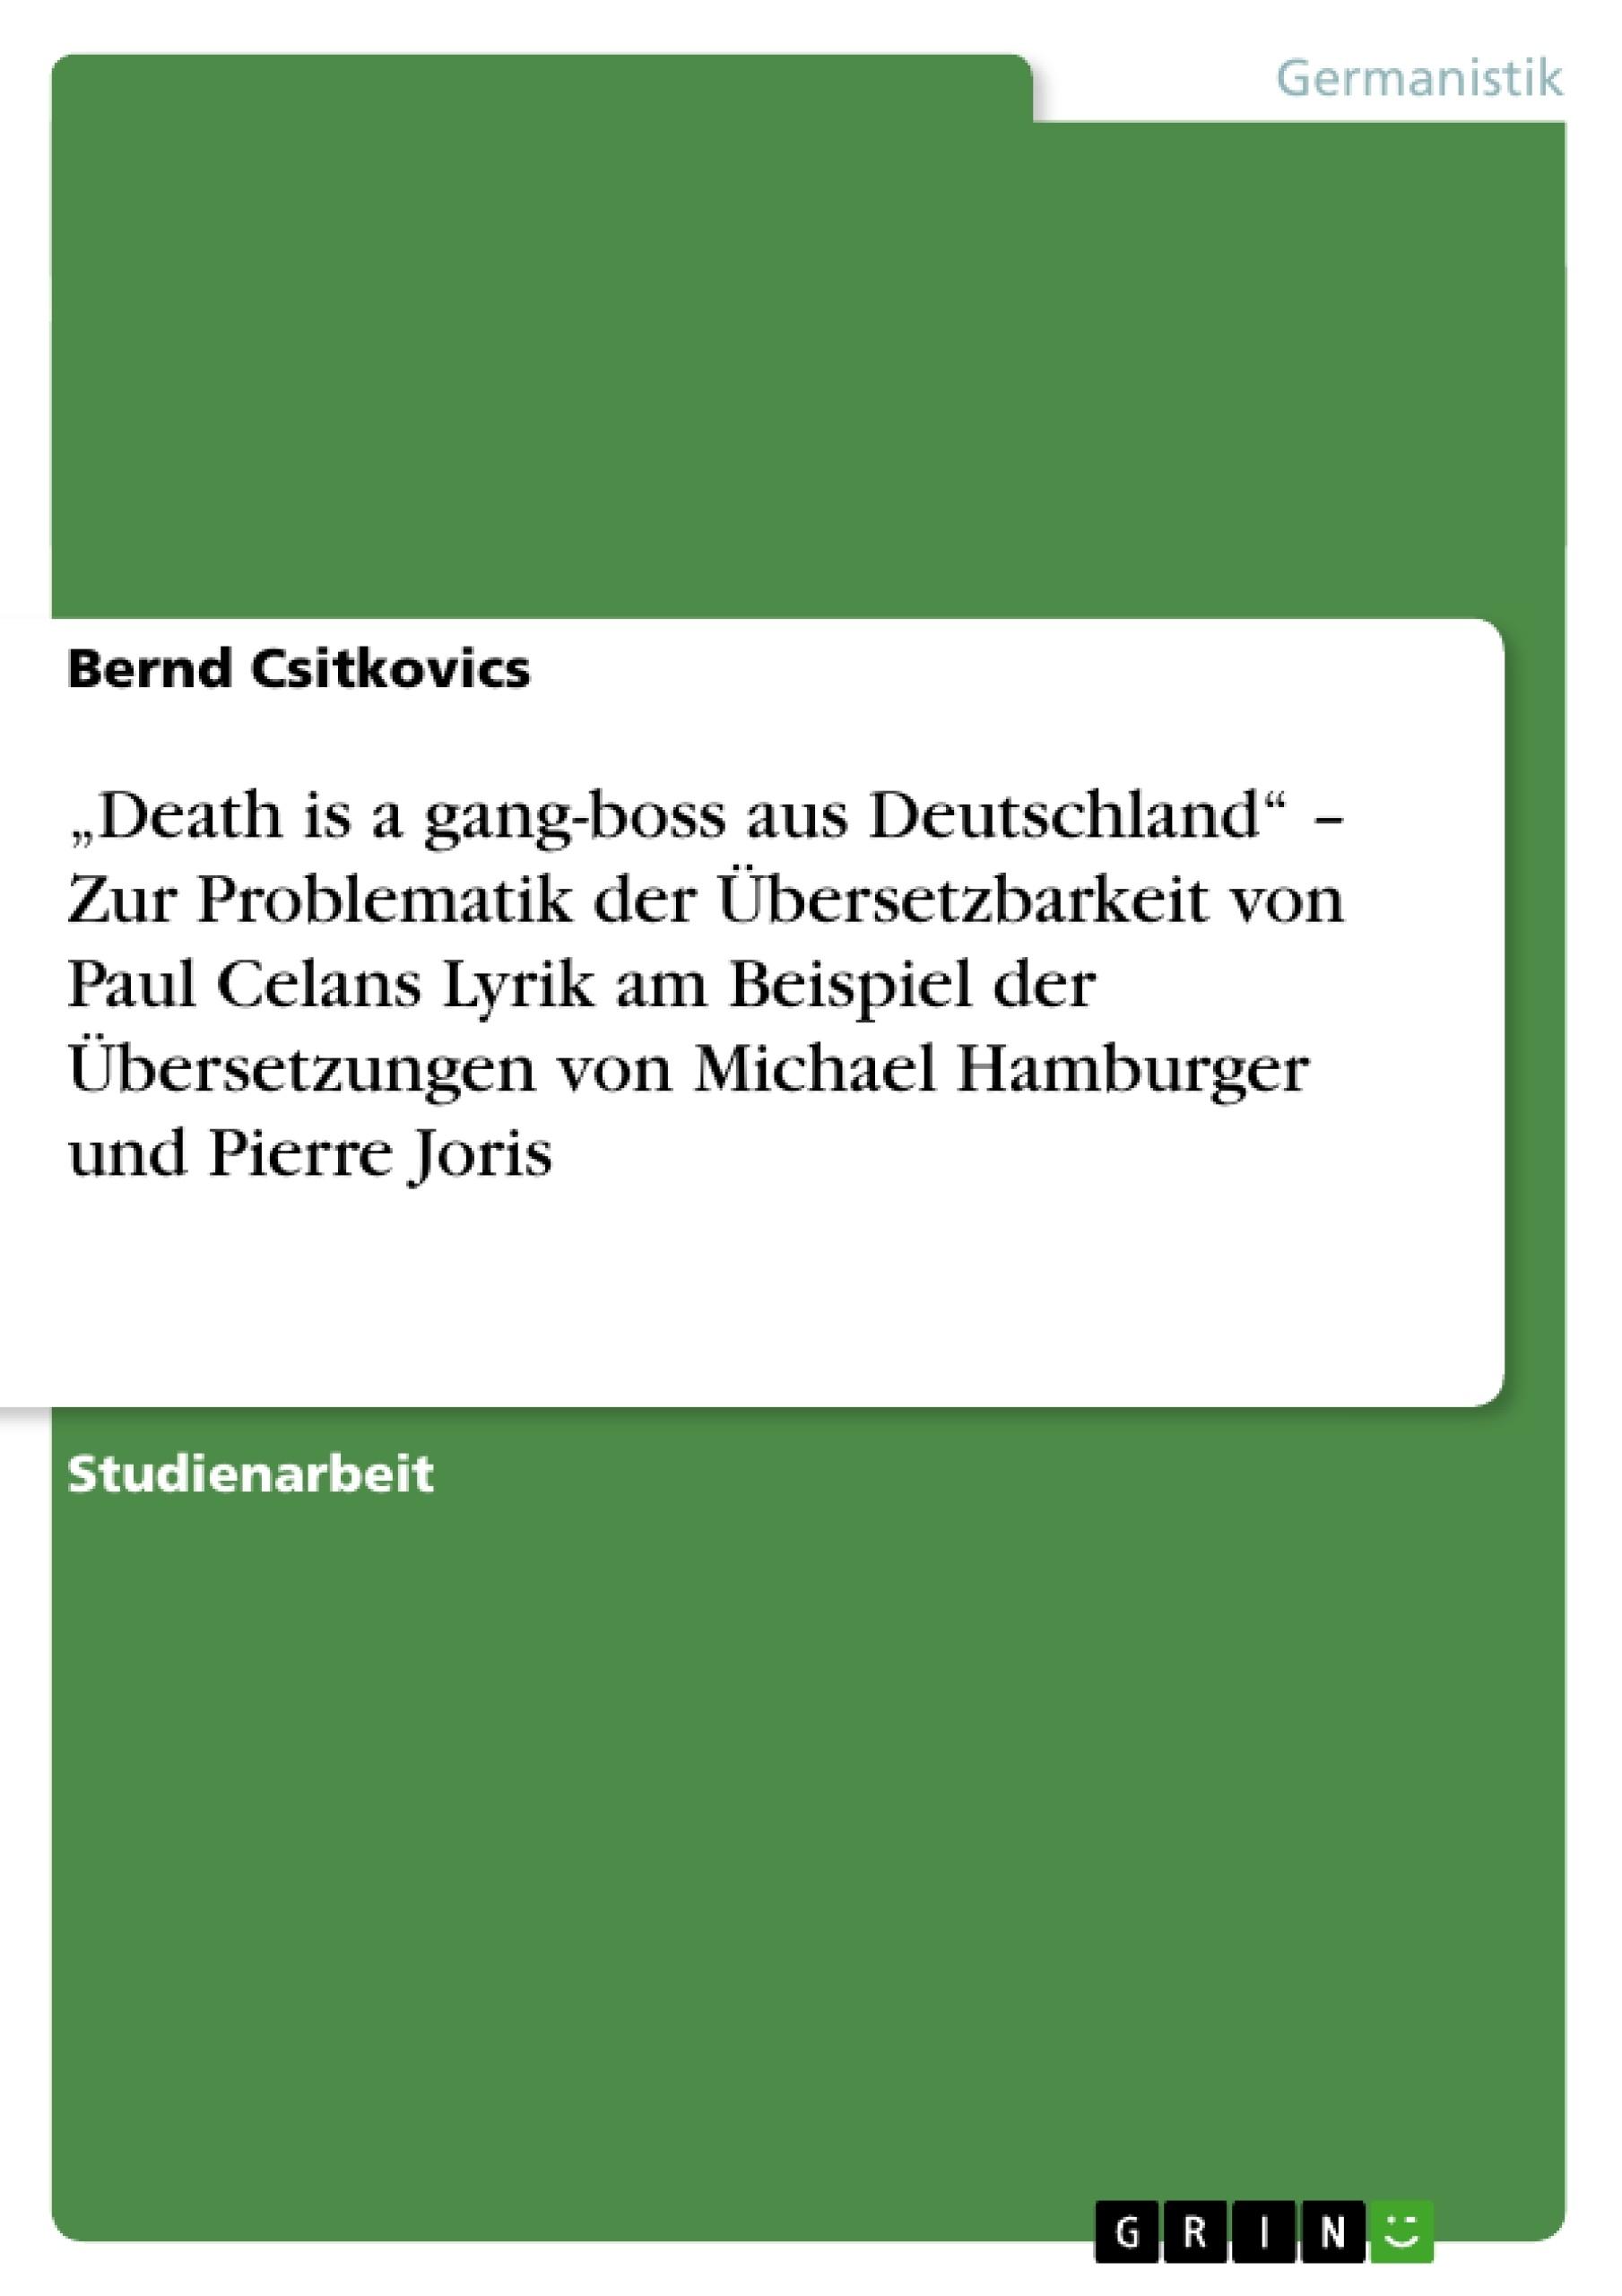 """Titel: """"Death is a gang-boss aus Deutschland"""" – Zur Problematik der Übersetzbarkeit  von Paul Celans Lyrik am Beispiel der Übersetzungen von Michael Hamburger und Pierre Joris"""